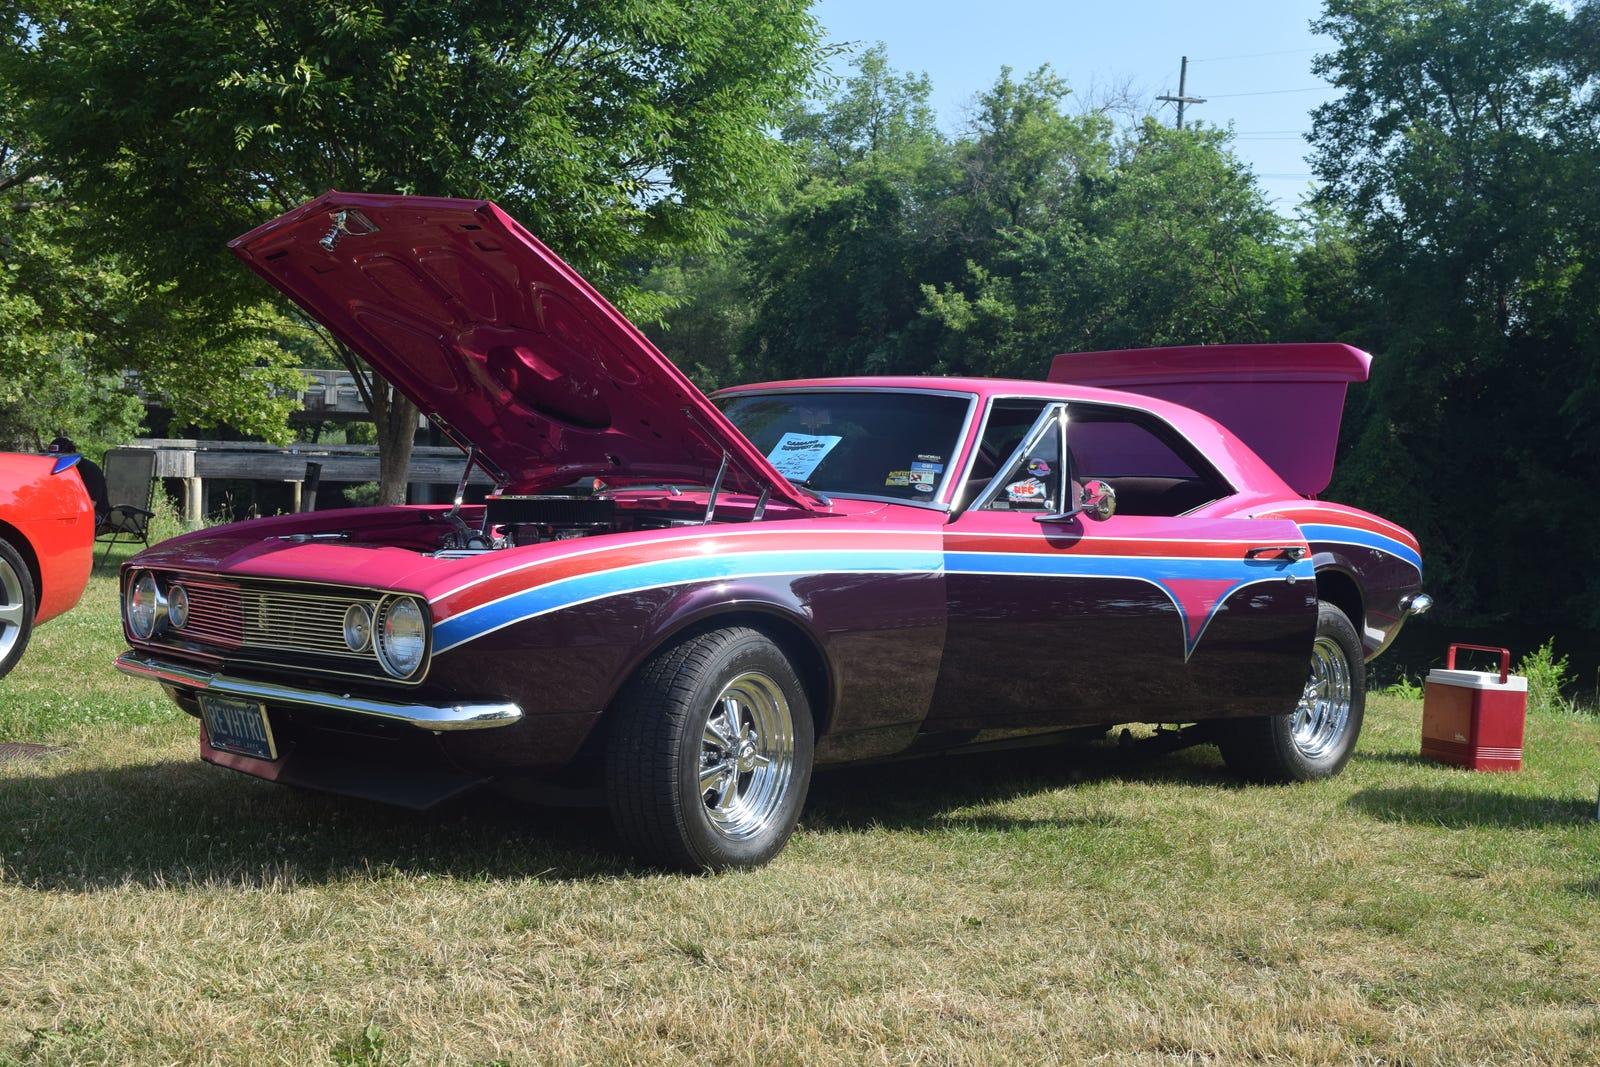 Reverend Hot Rod's unique '67 Camaro.